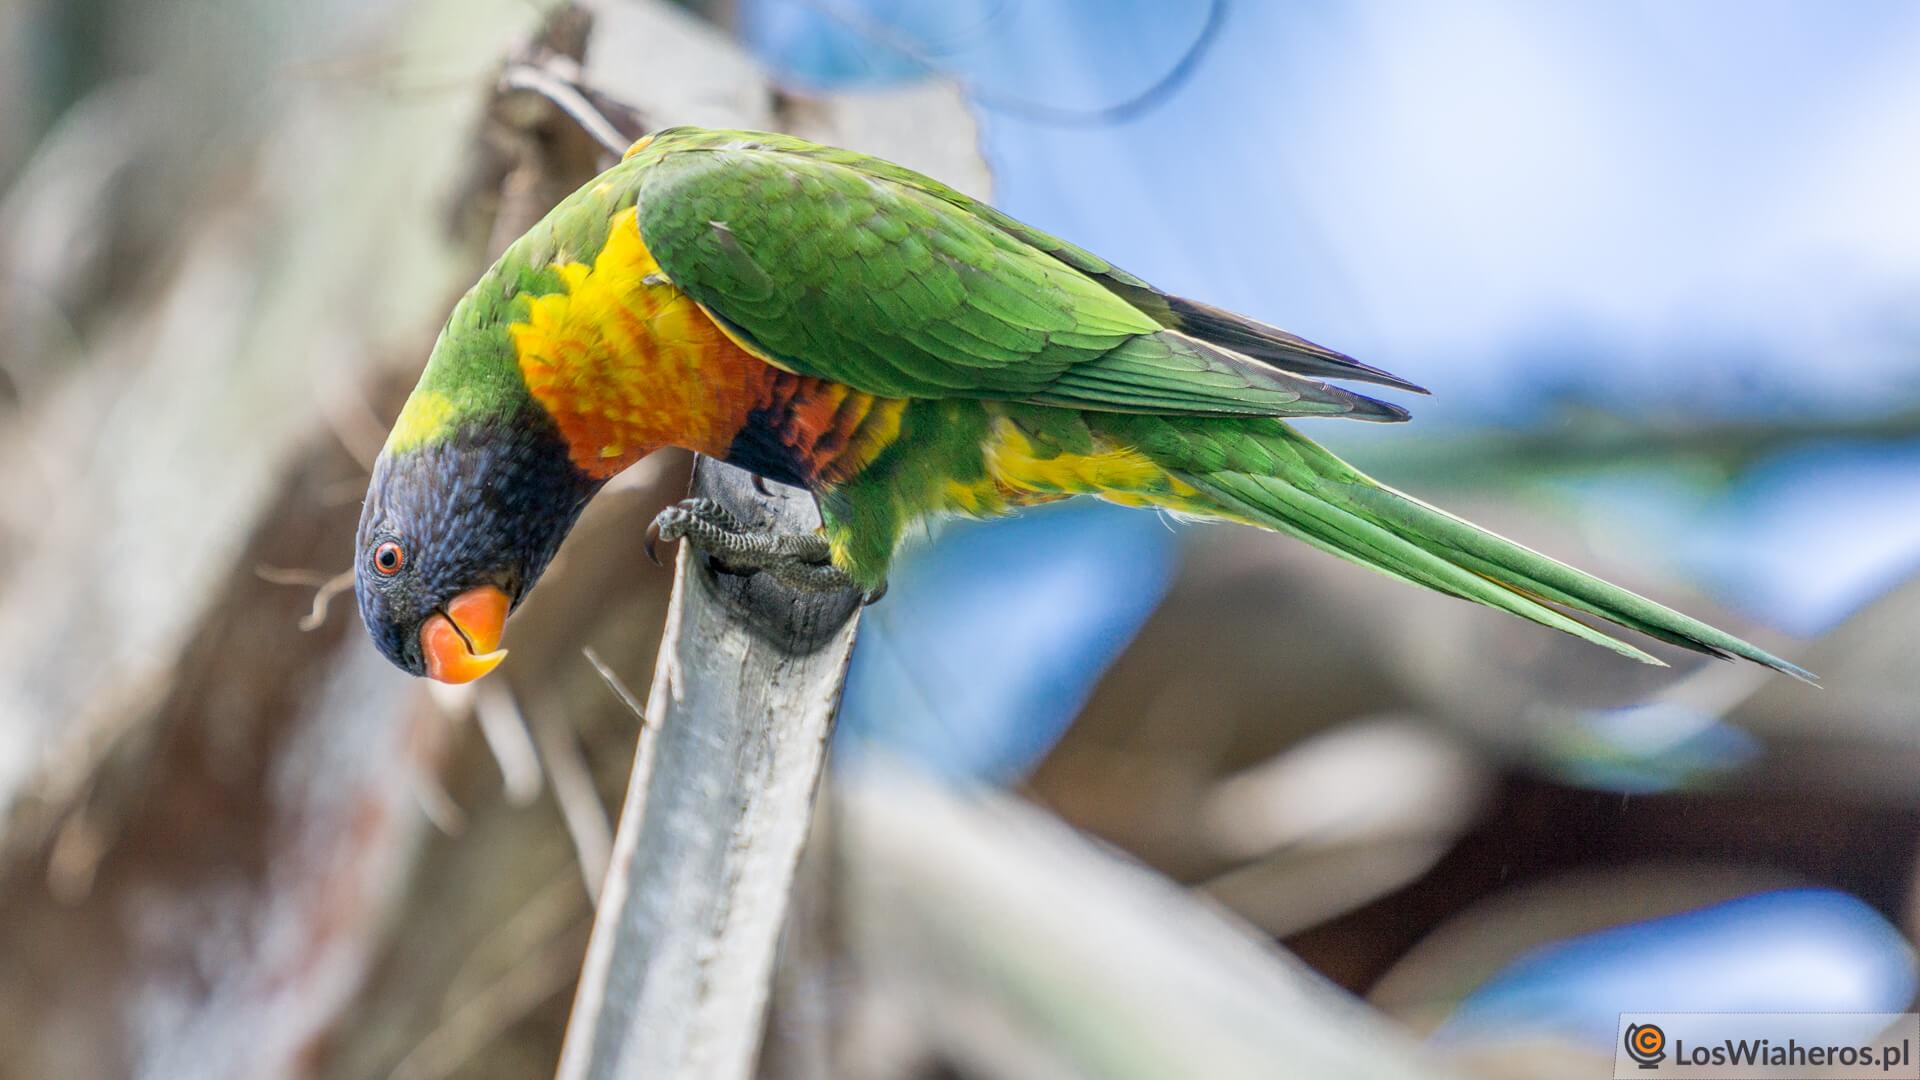 Loriketka Tęczowa, czyli najbardziej powszechna papuga w Australii - są ich tysiące zarówno w buszu jak i w miastach.